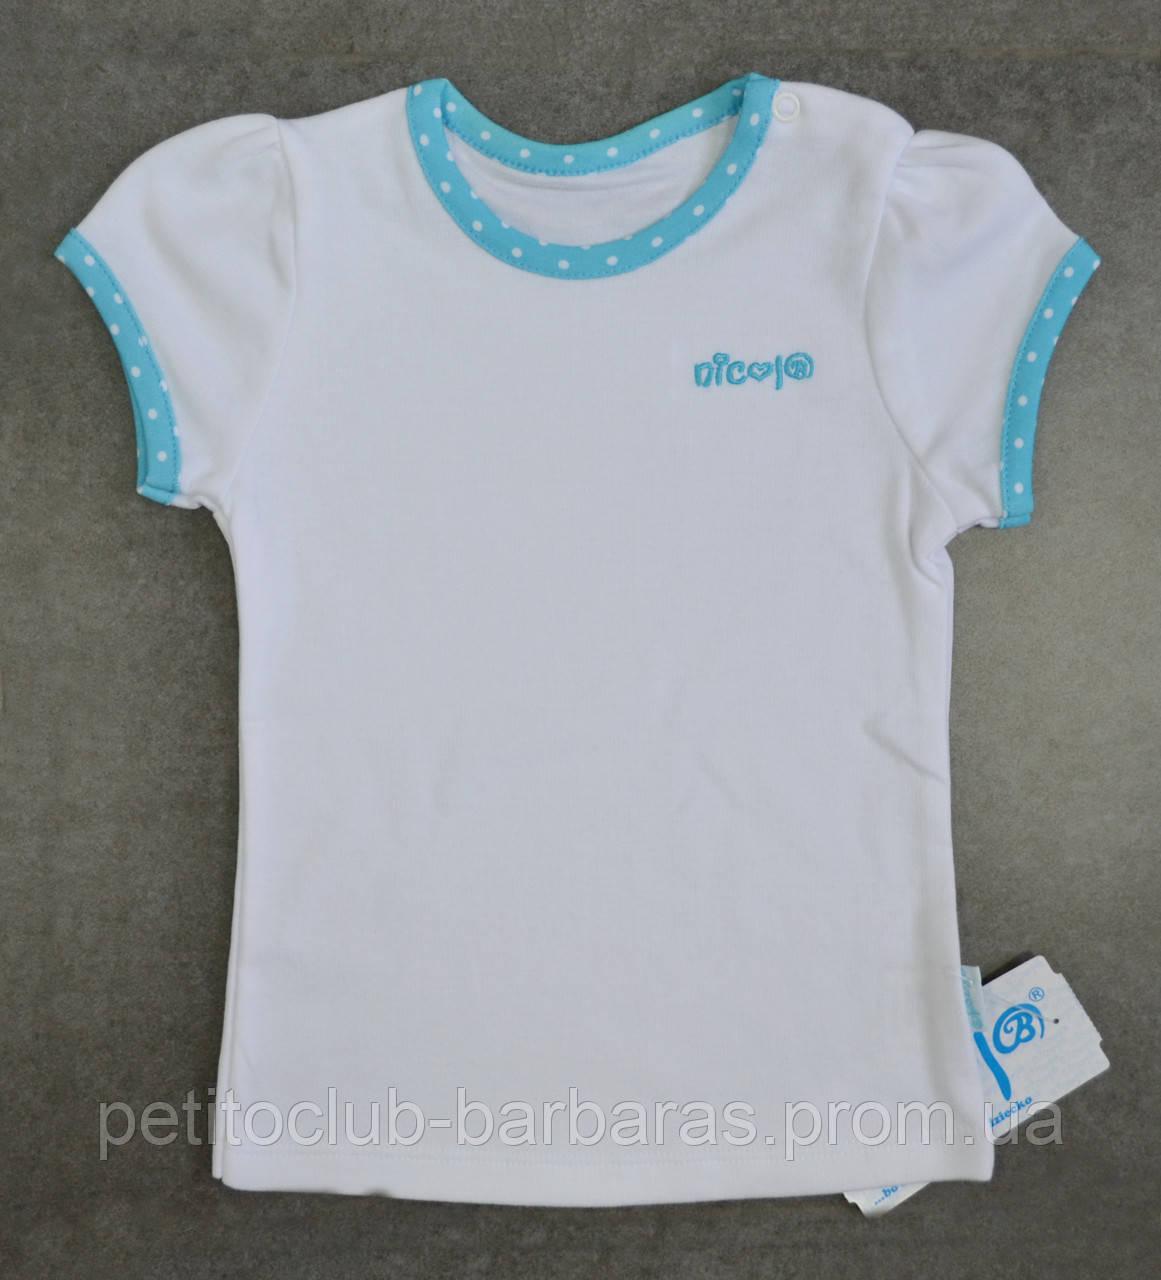 Детская футболка для девочки белая р. 80-98 см (Nicol, Польша)